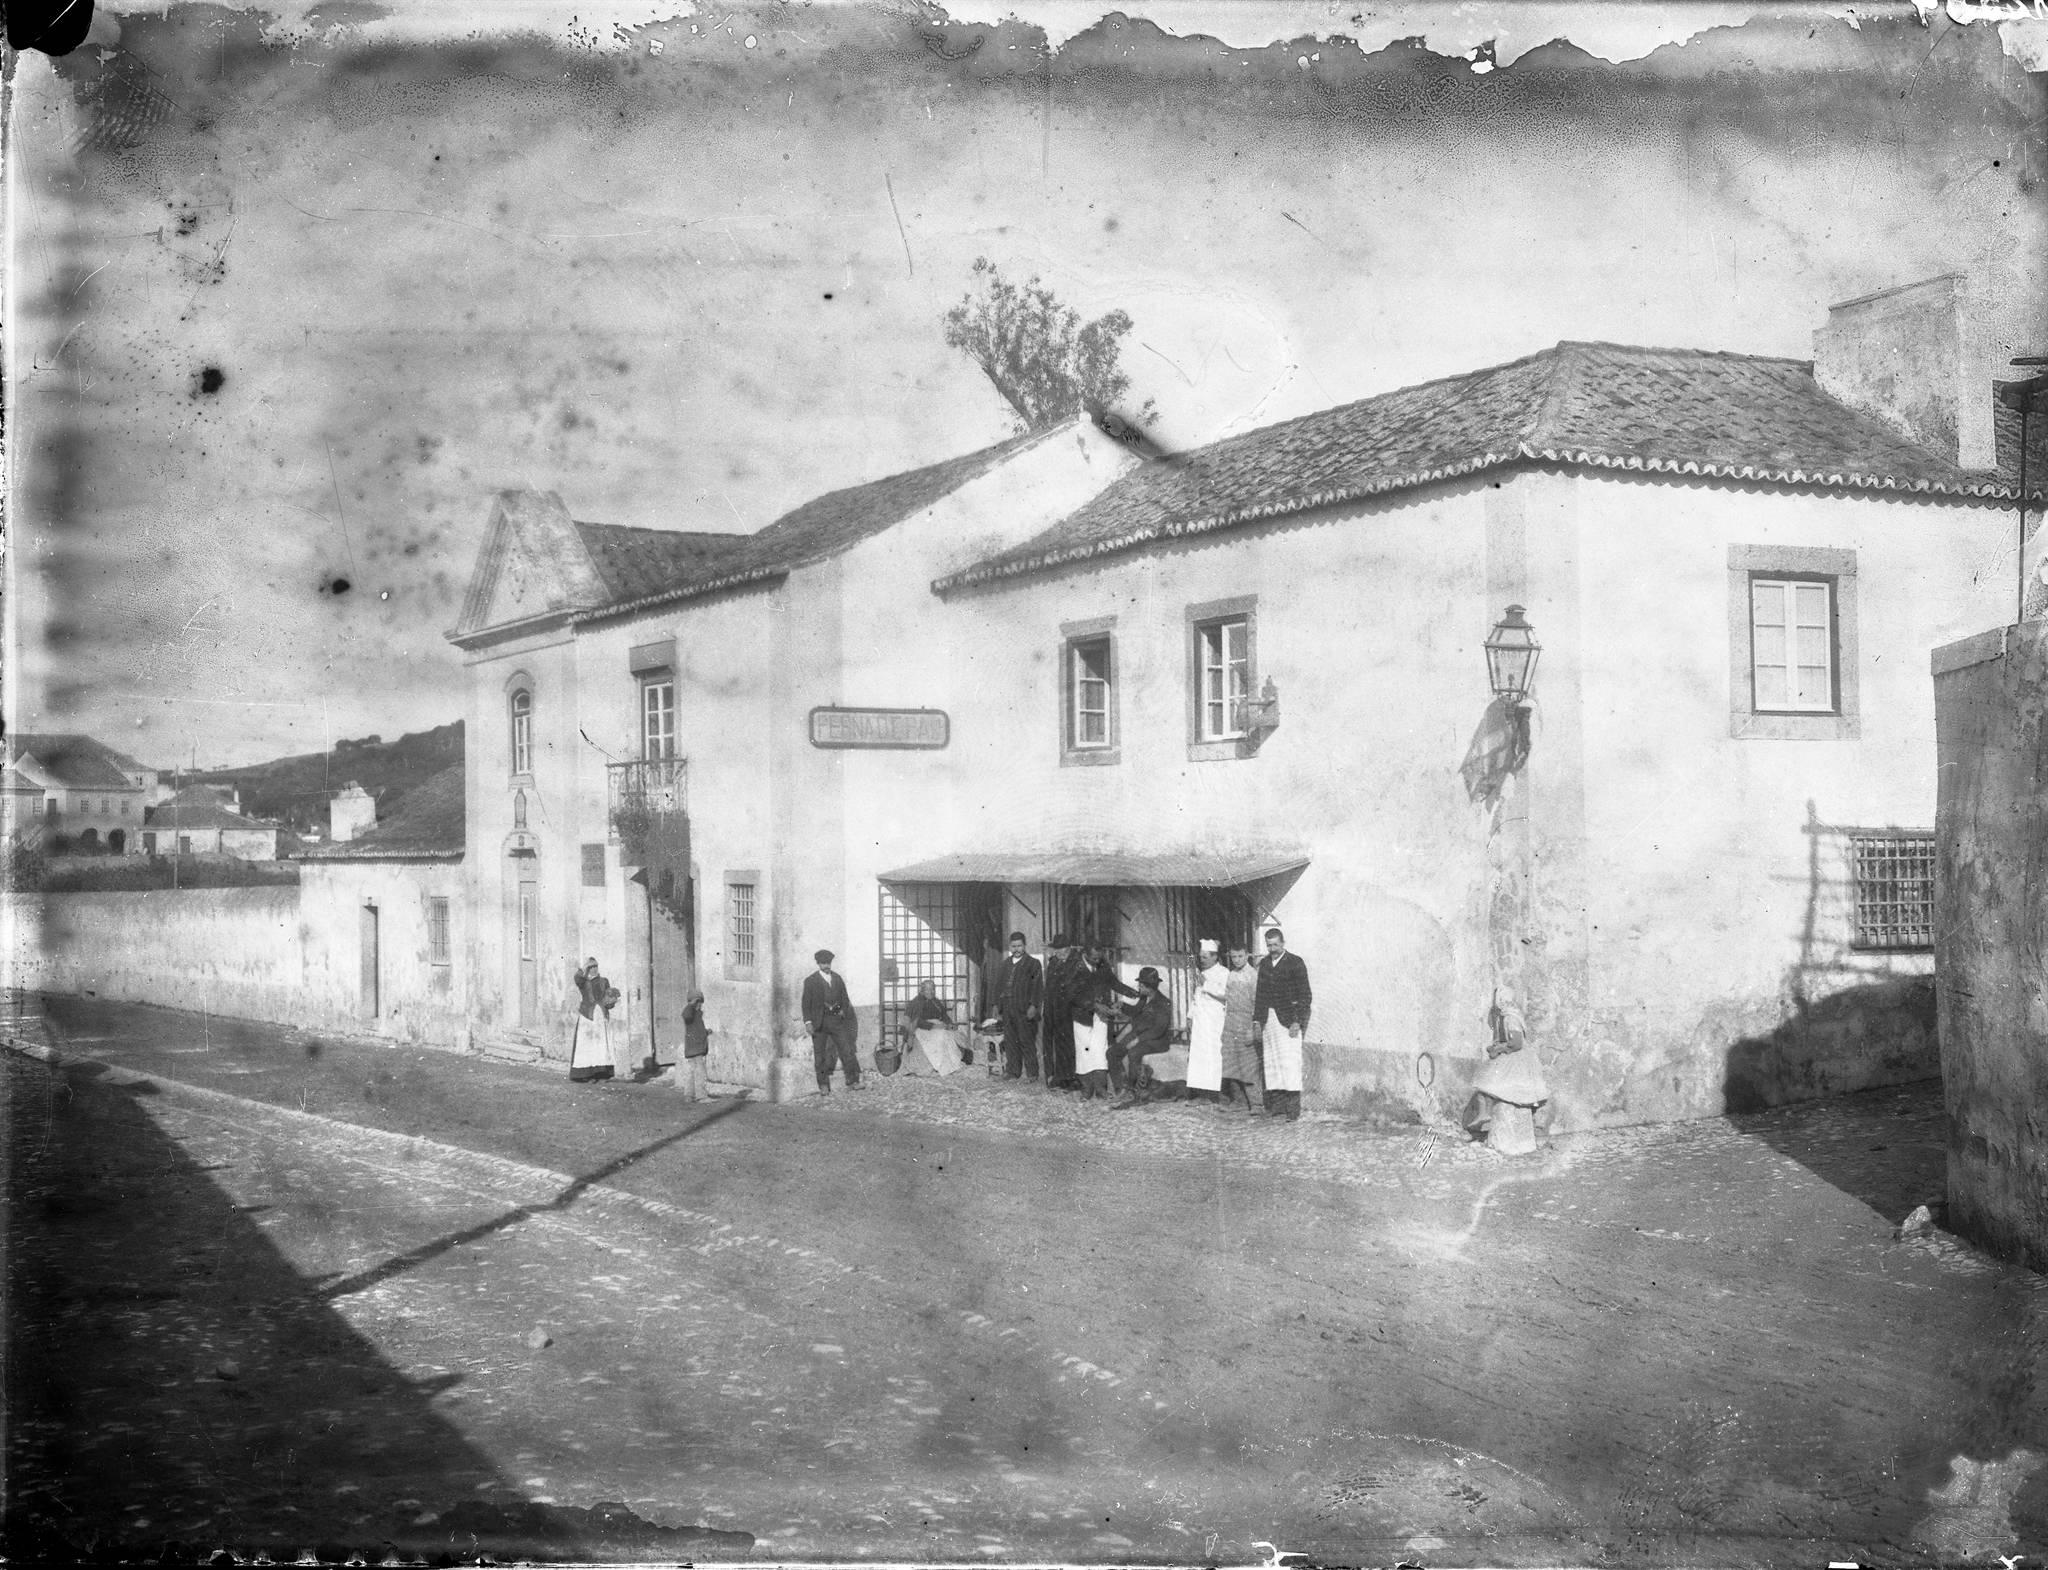 Perna de Pau, Areeiro (C.A.Lima, c. 1900)